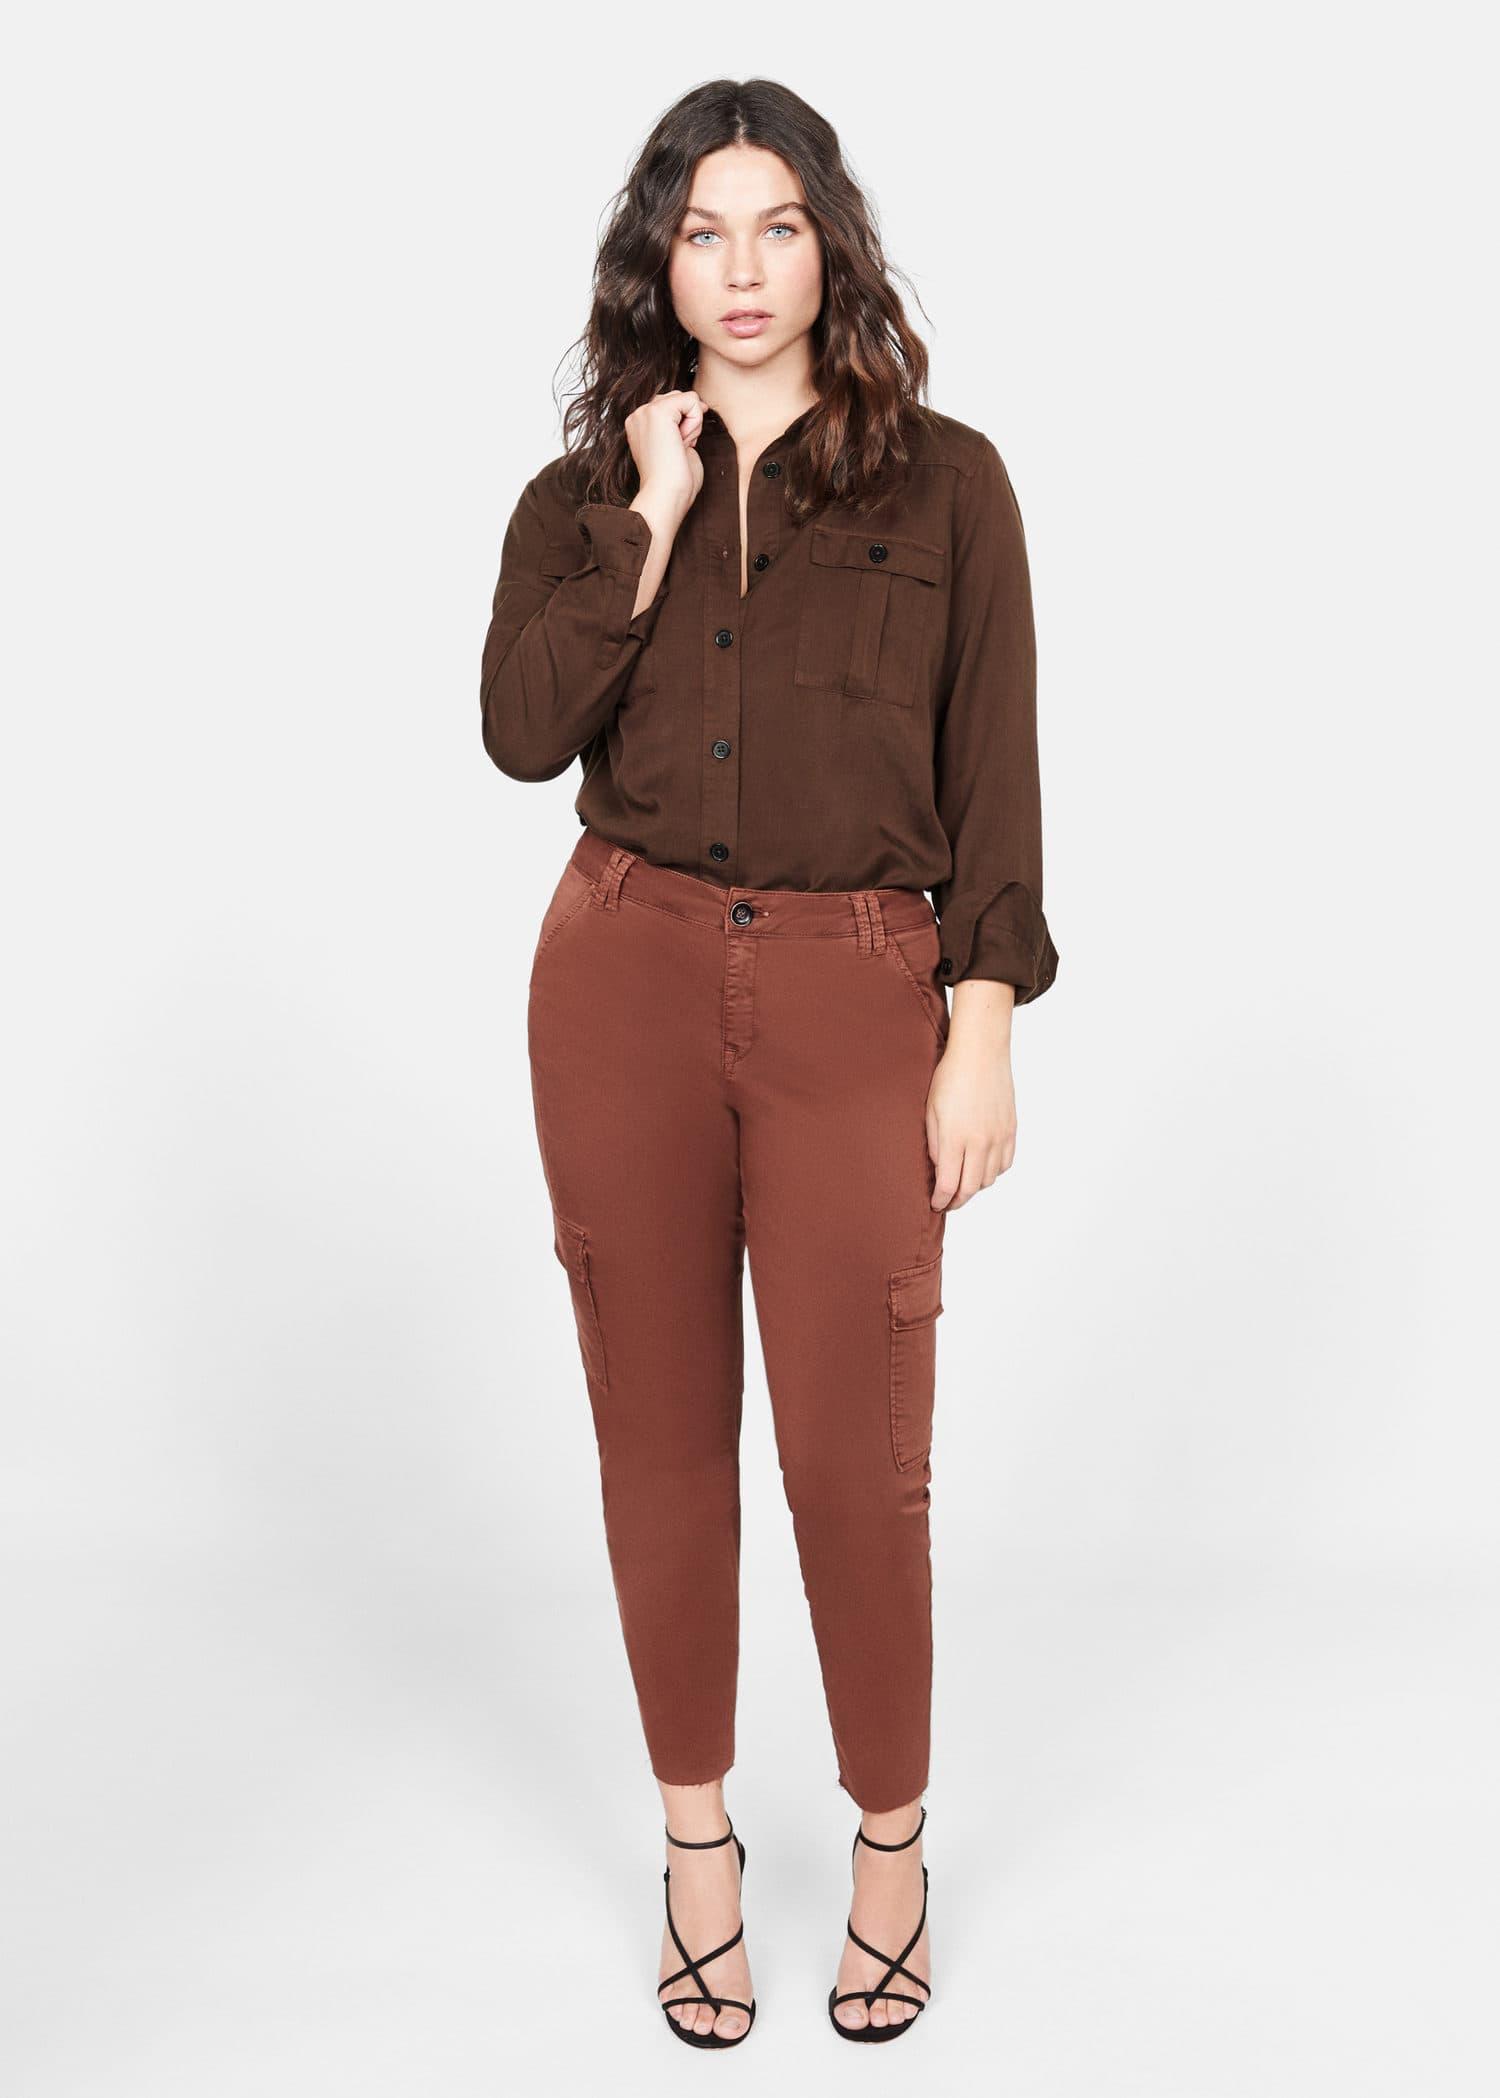 Myk skjorte med brystlomme Skjorter Store størrelser